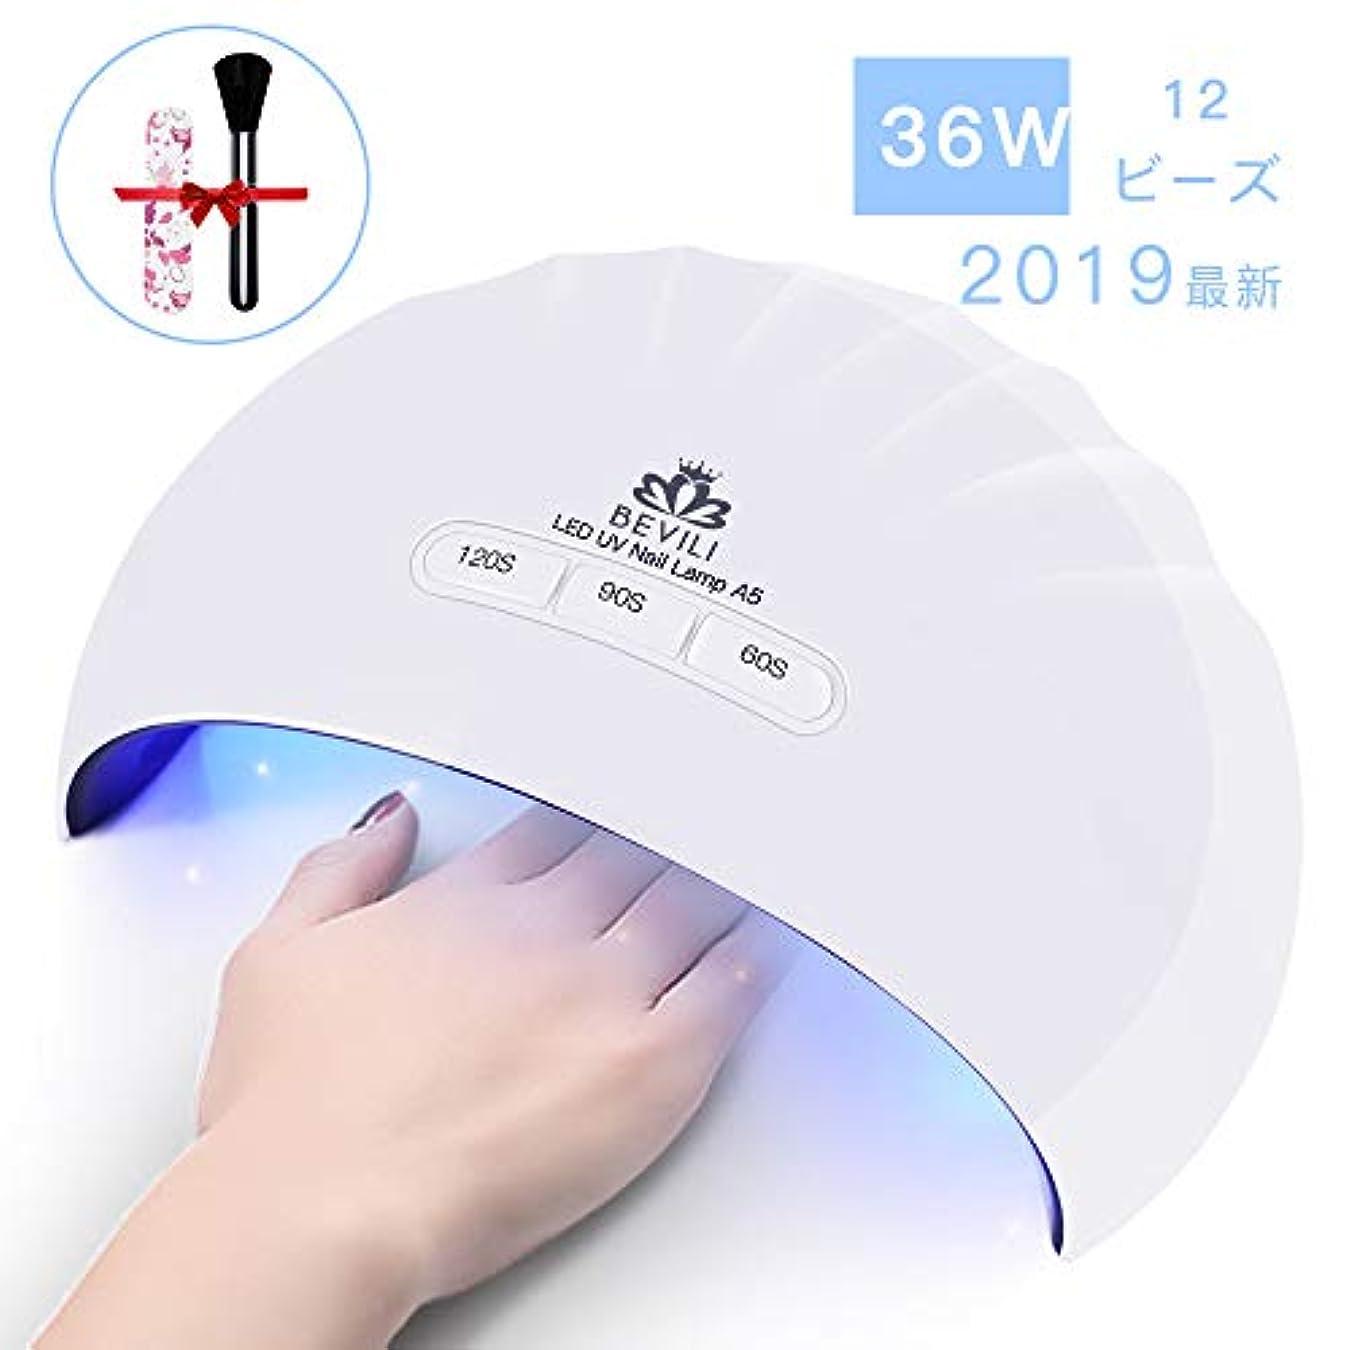 熱心豊かにするラバ硬化用UV/LEDライトジェルネイルライト 肌をケア センサータイマー付き UVライト 速乾UV ネイル ハンドフット両用 ネイル led ライト USB対応 (ホワイト)